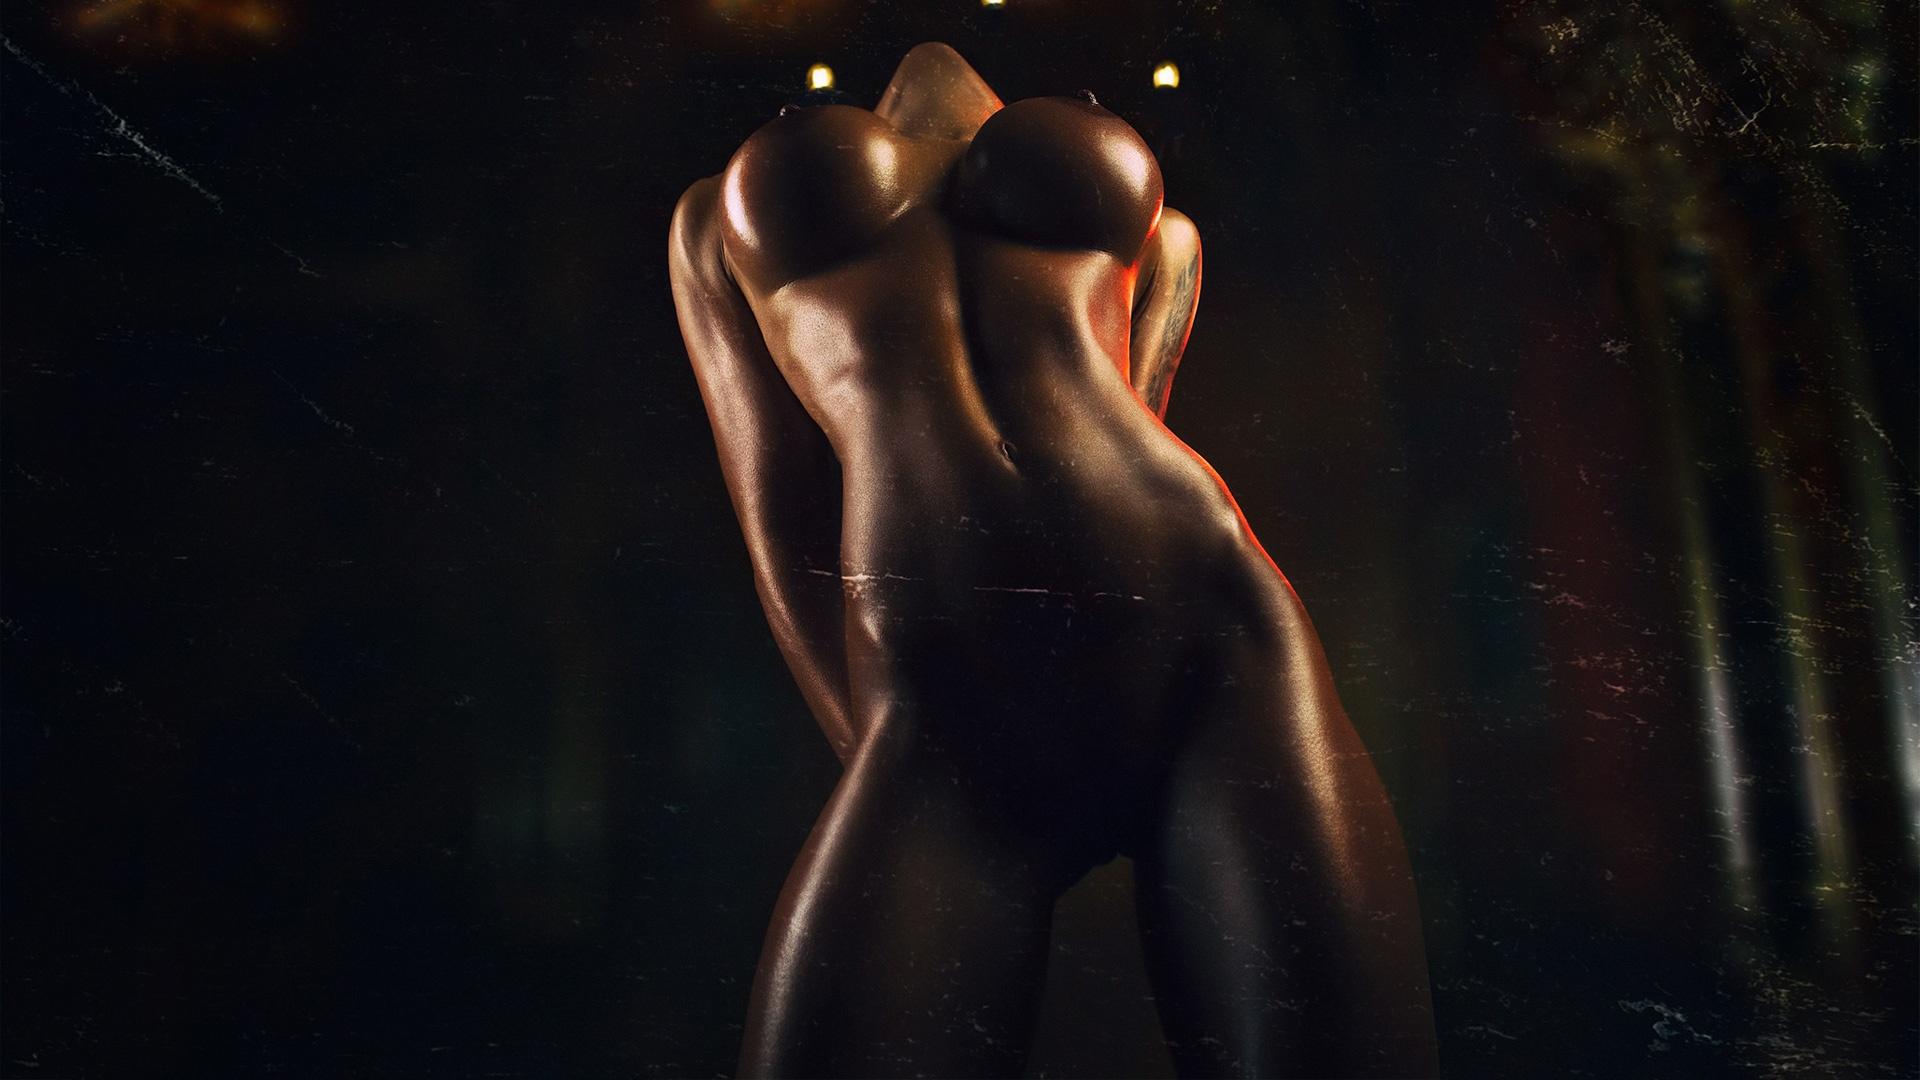 Biggest boob images